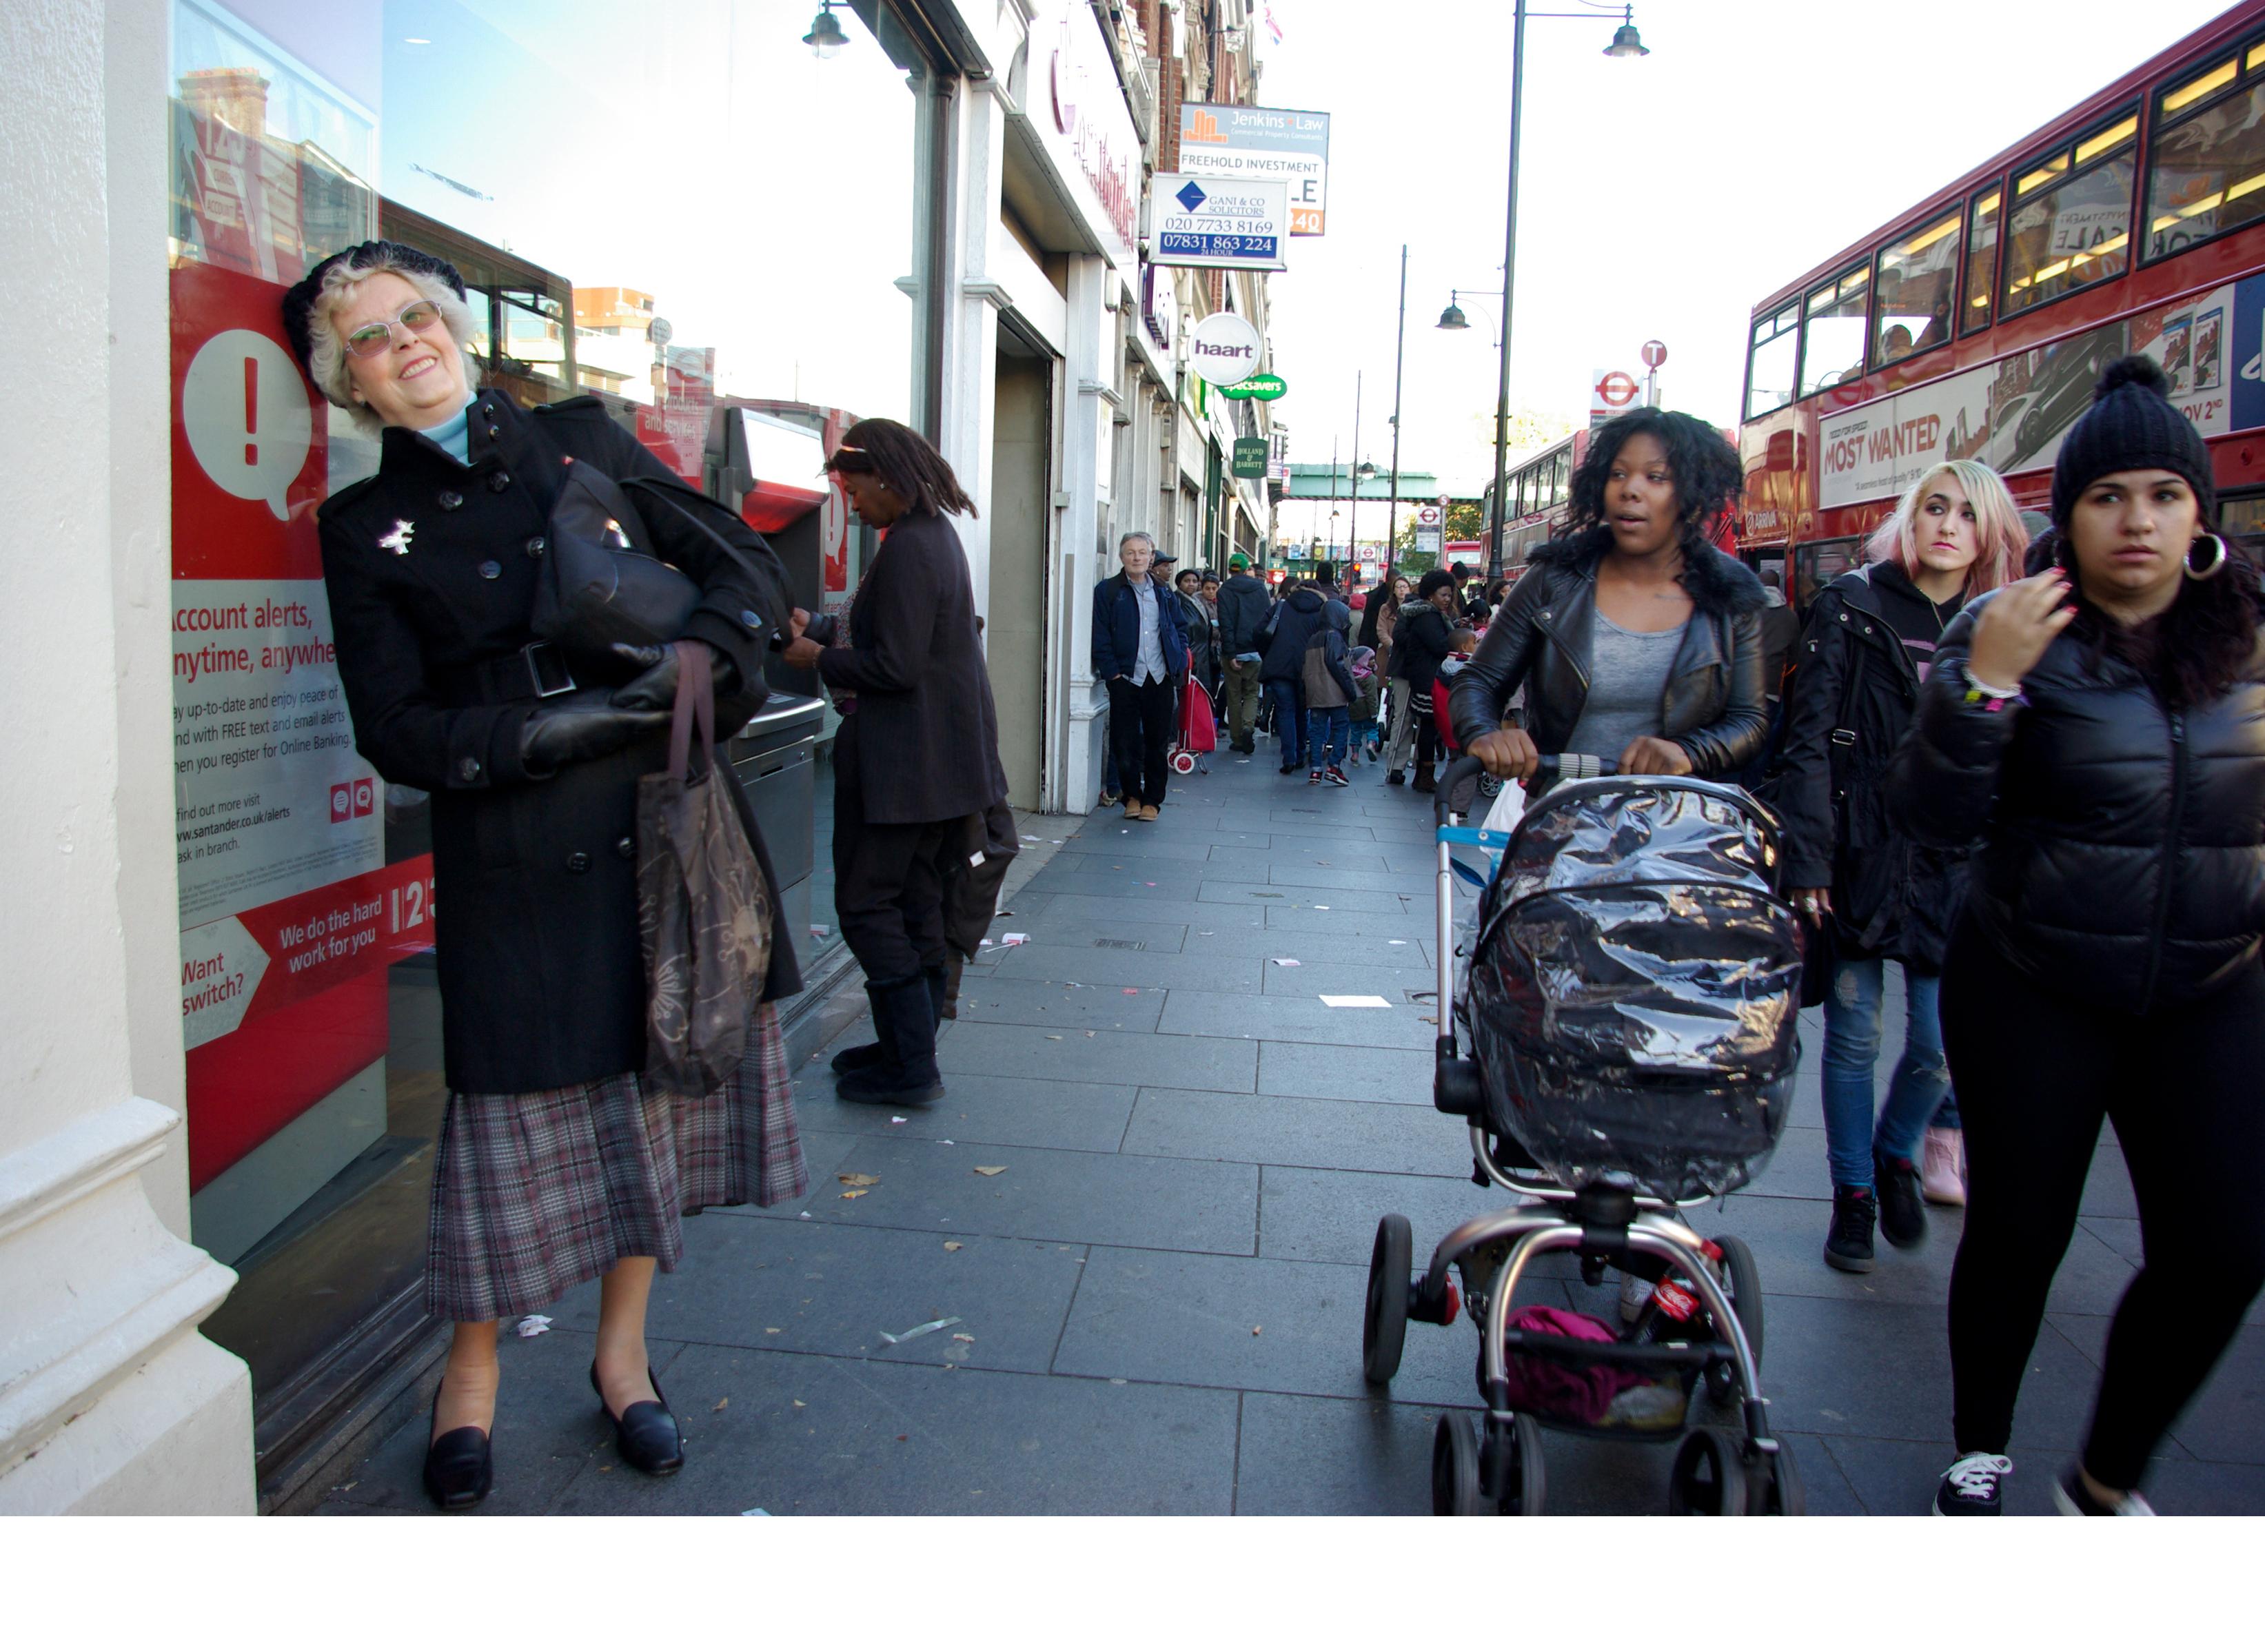 14 - Shop Front 2013, London UK, C Print